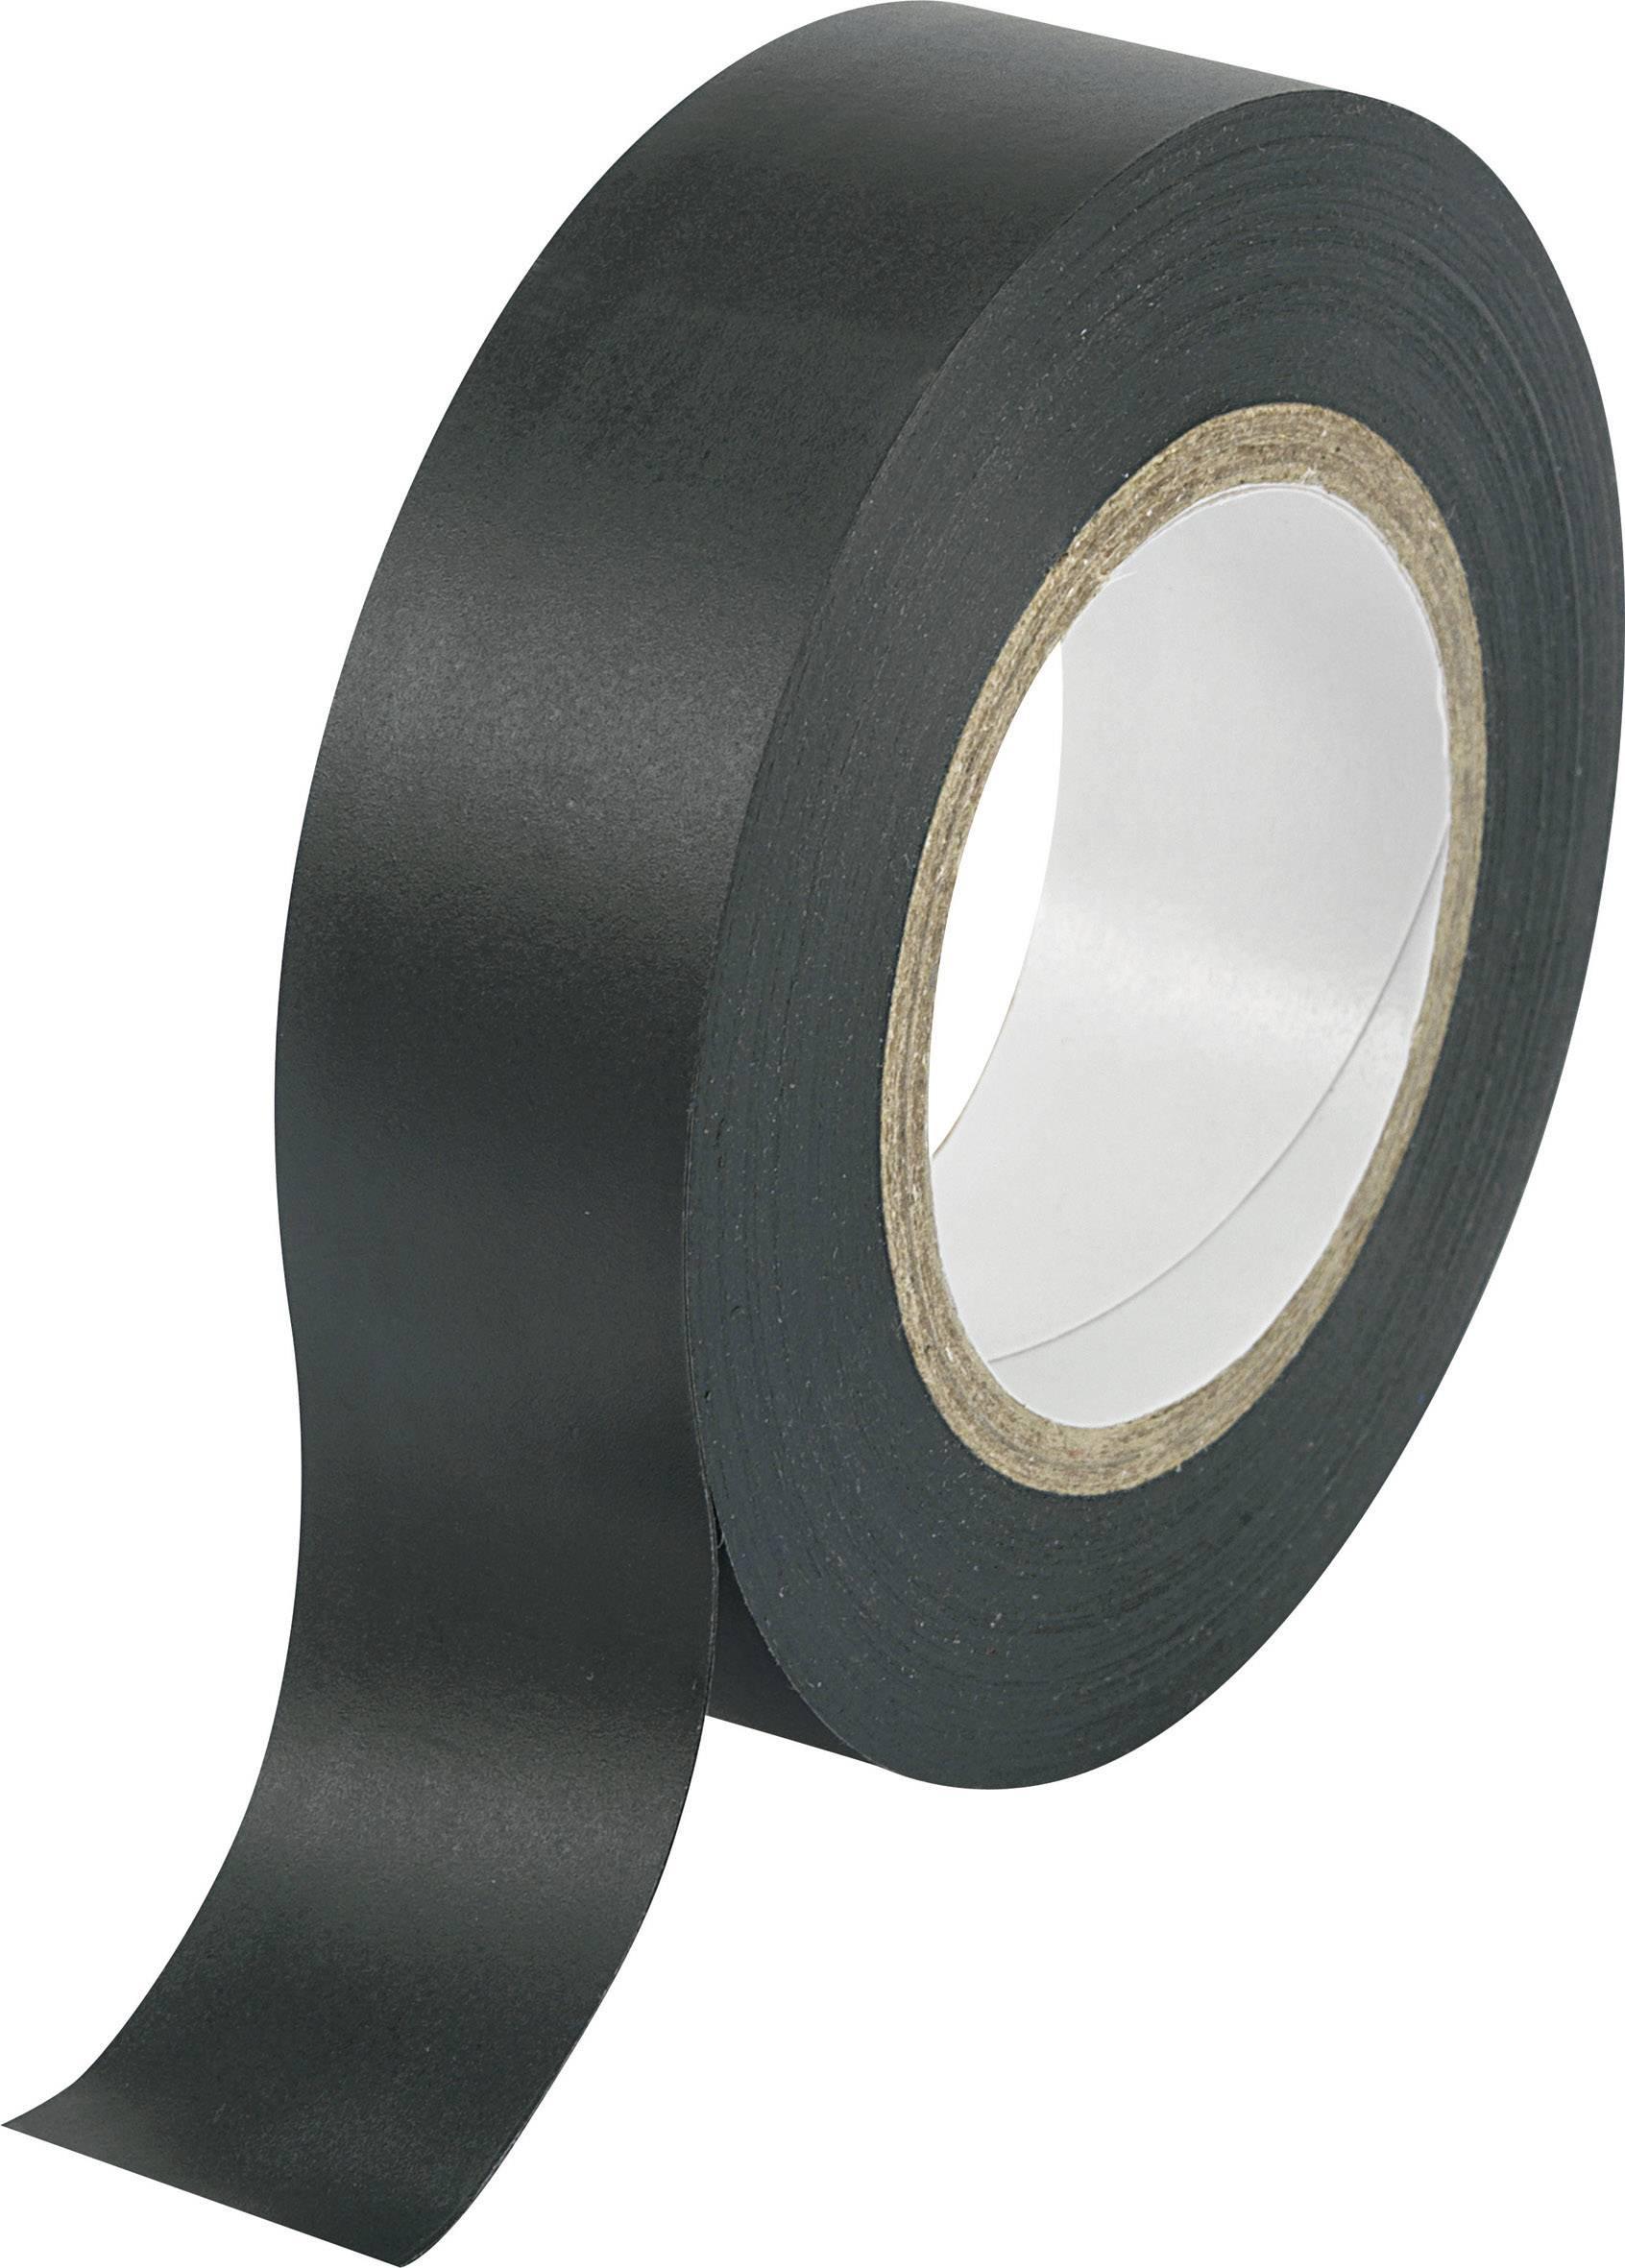 Izolačná páska TRU COMPONENTS SW10-156 1564095, (d x š) 10 m x 19 mm, čierna, 1 roliek